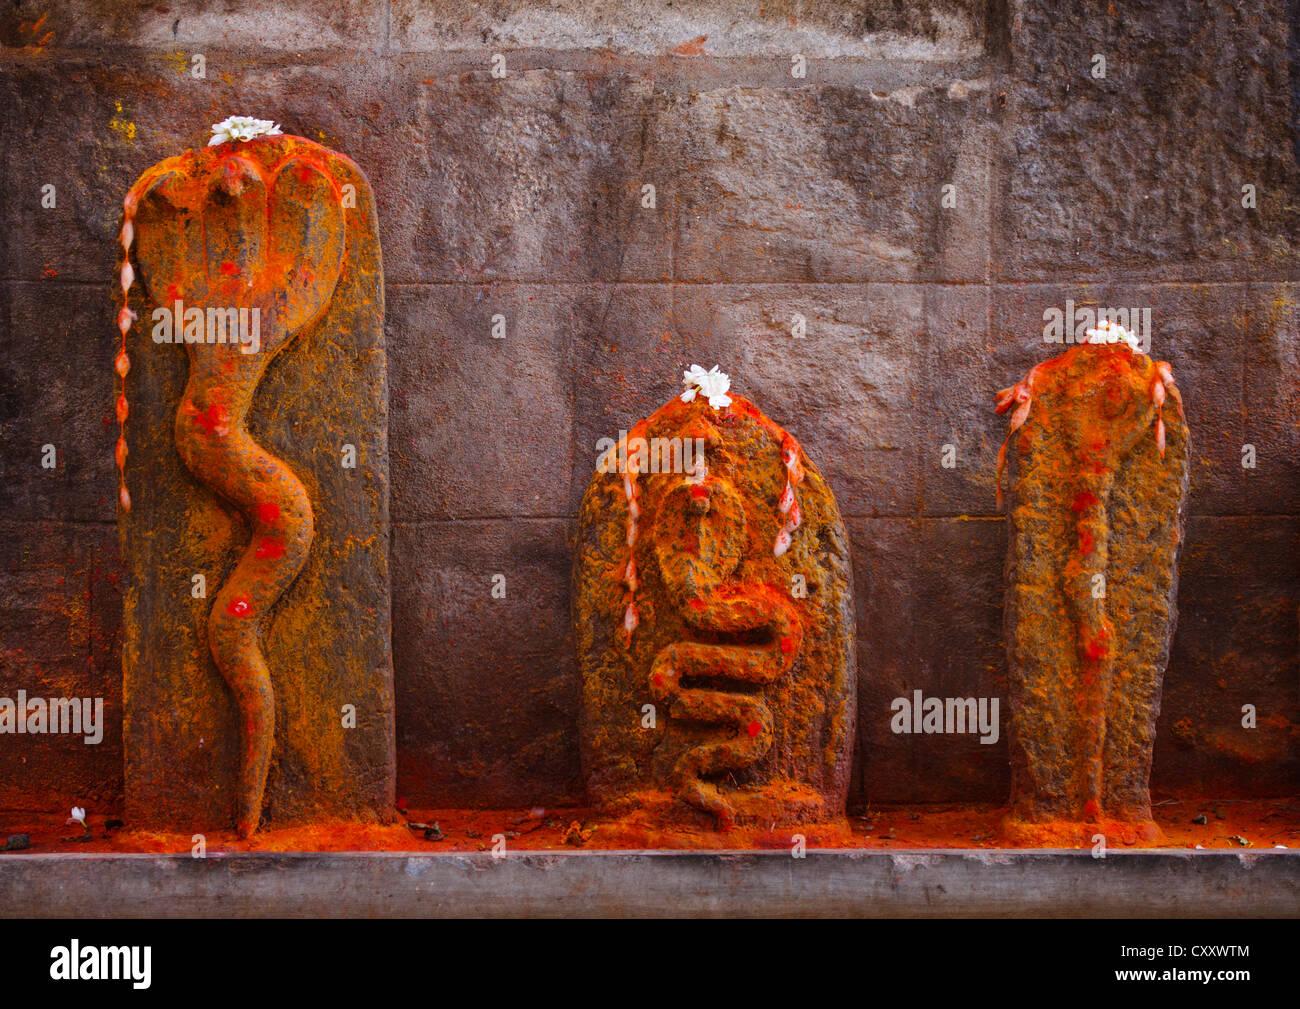 Tallas de serpientes, apoyada contra una pared rociado con polvos de colores, Mysore, India Foto de stock